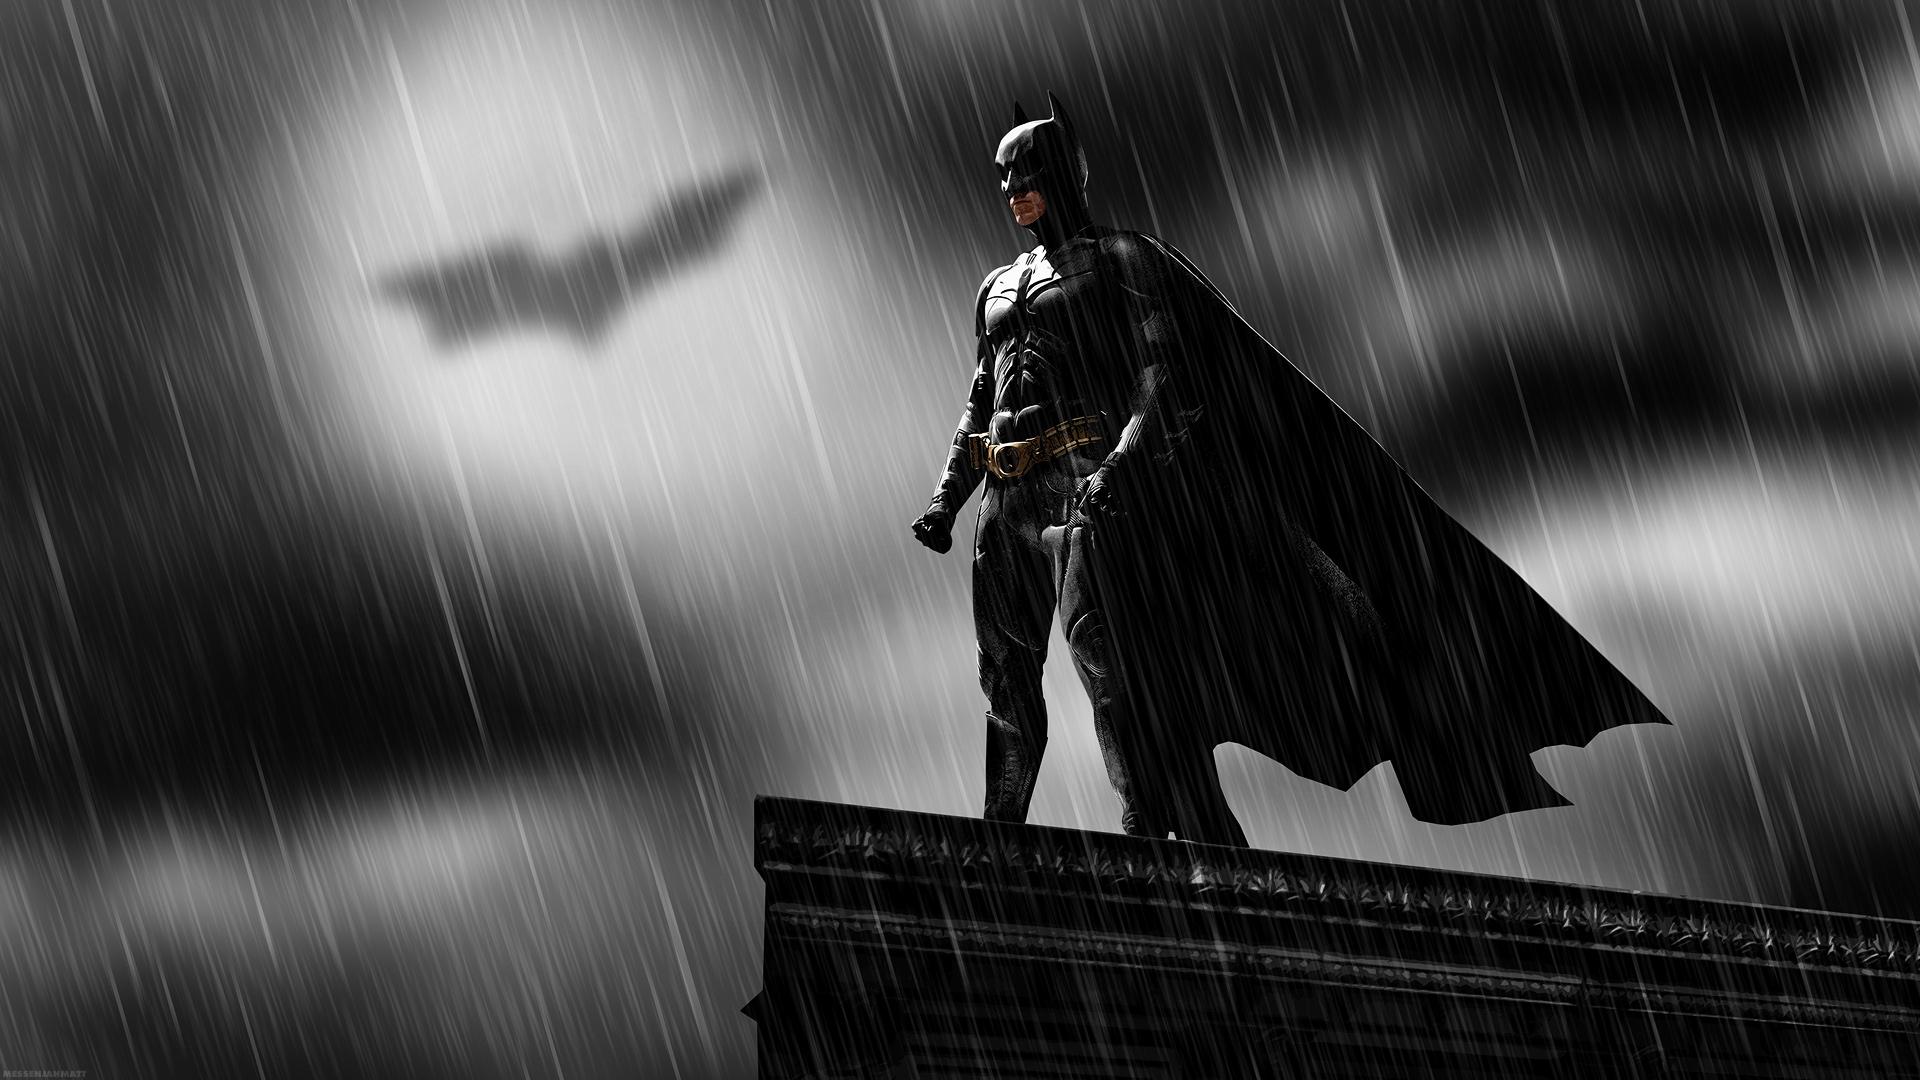 壁紙 1920x1080 バットマン アーカム コミックヒーロー